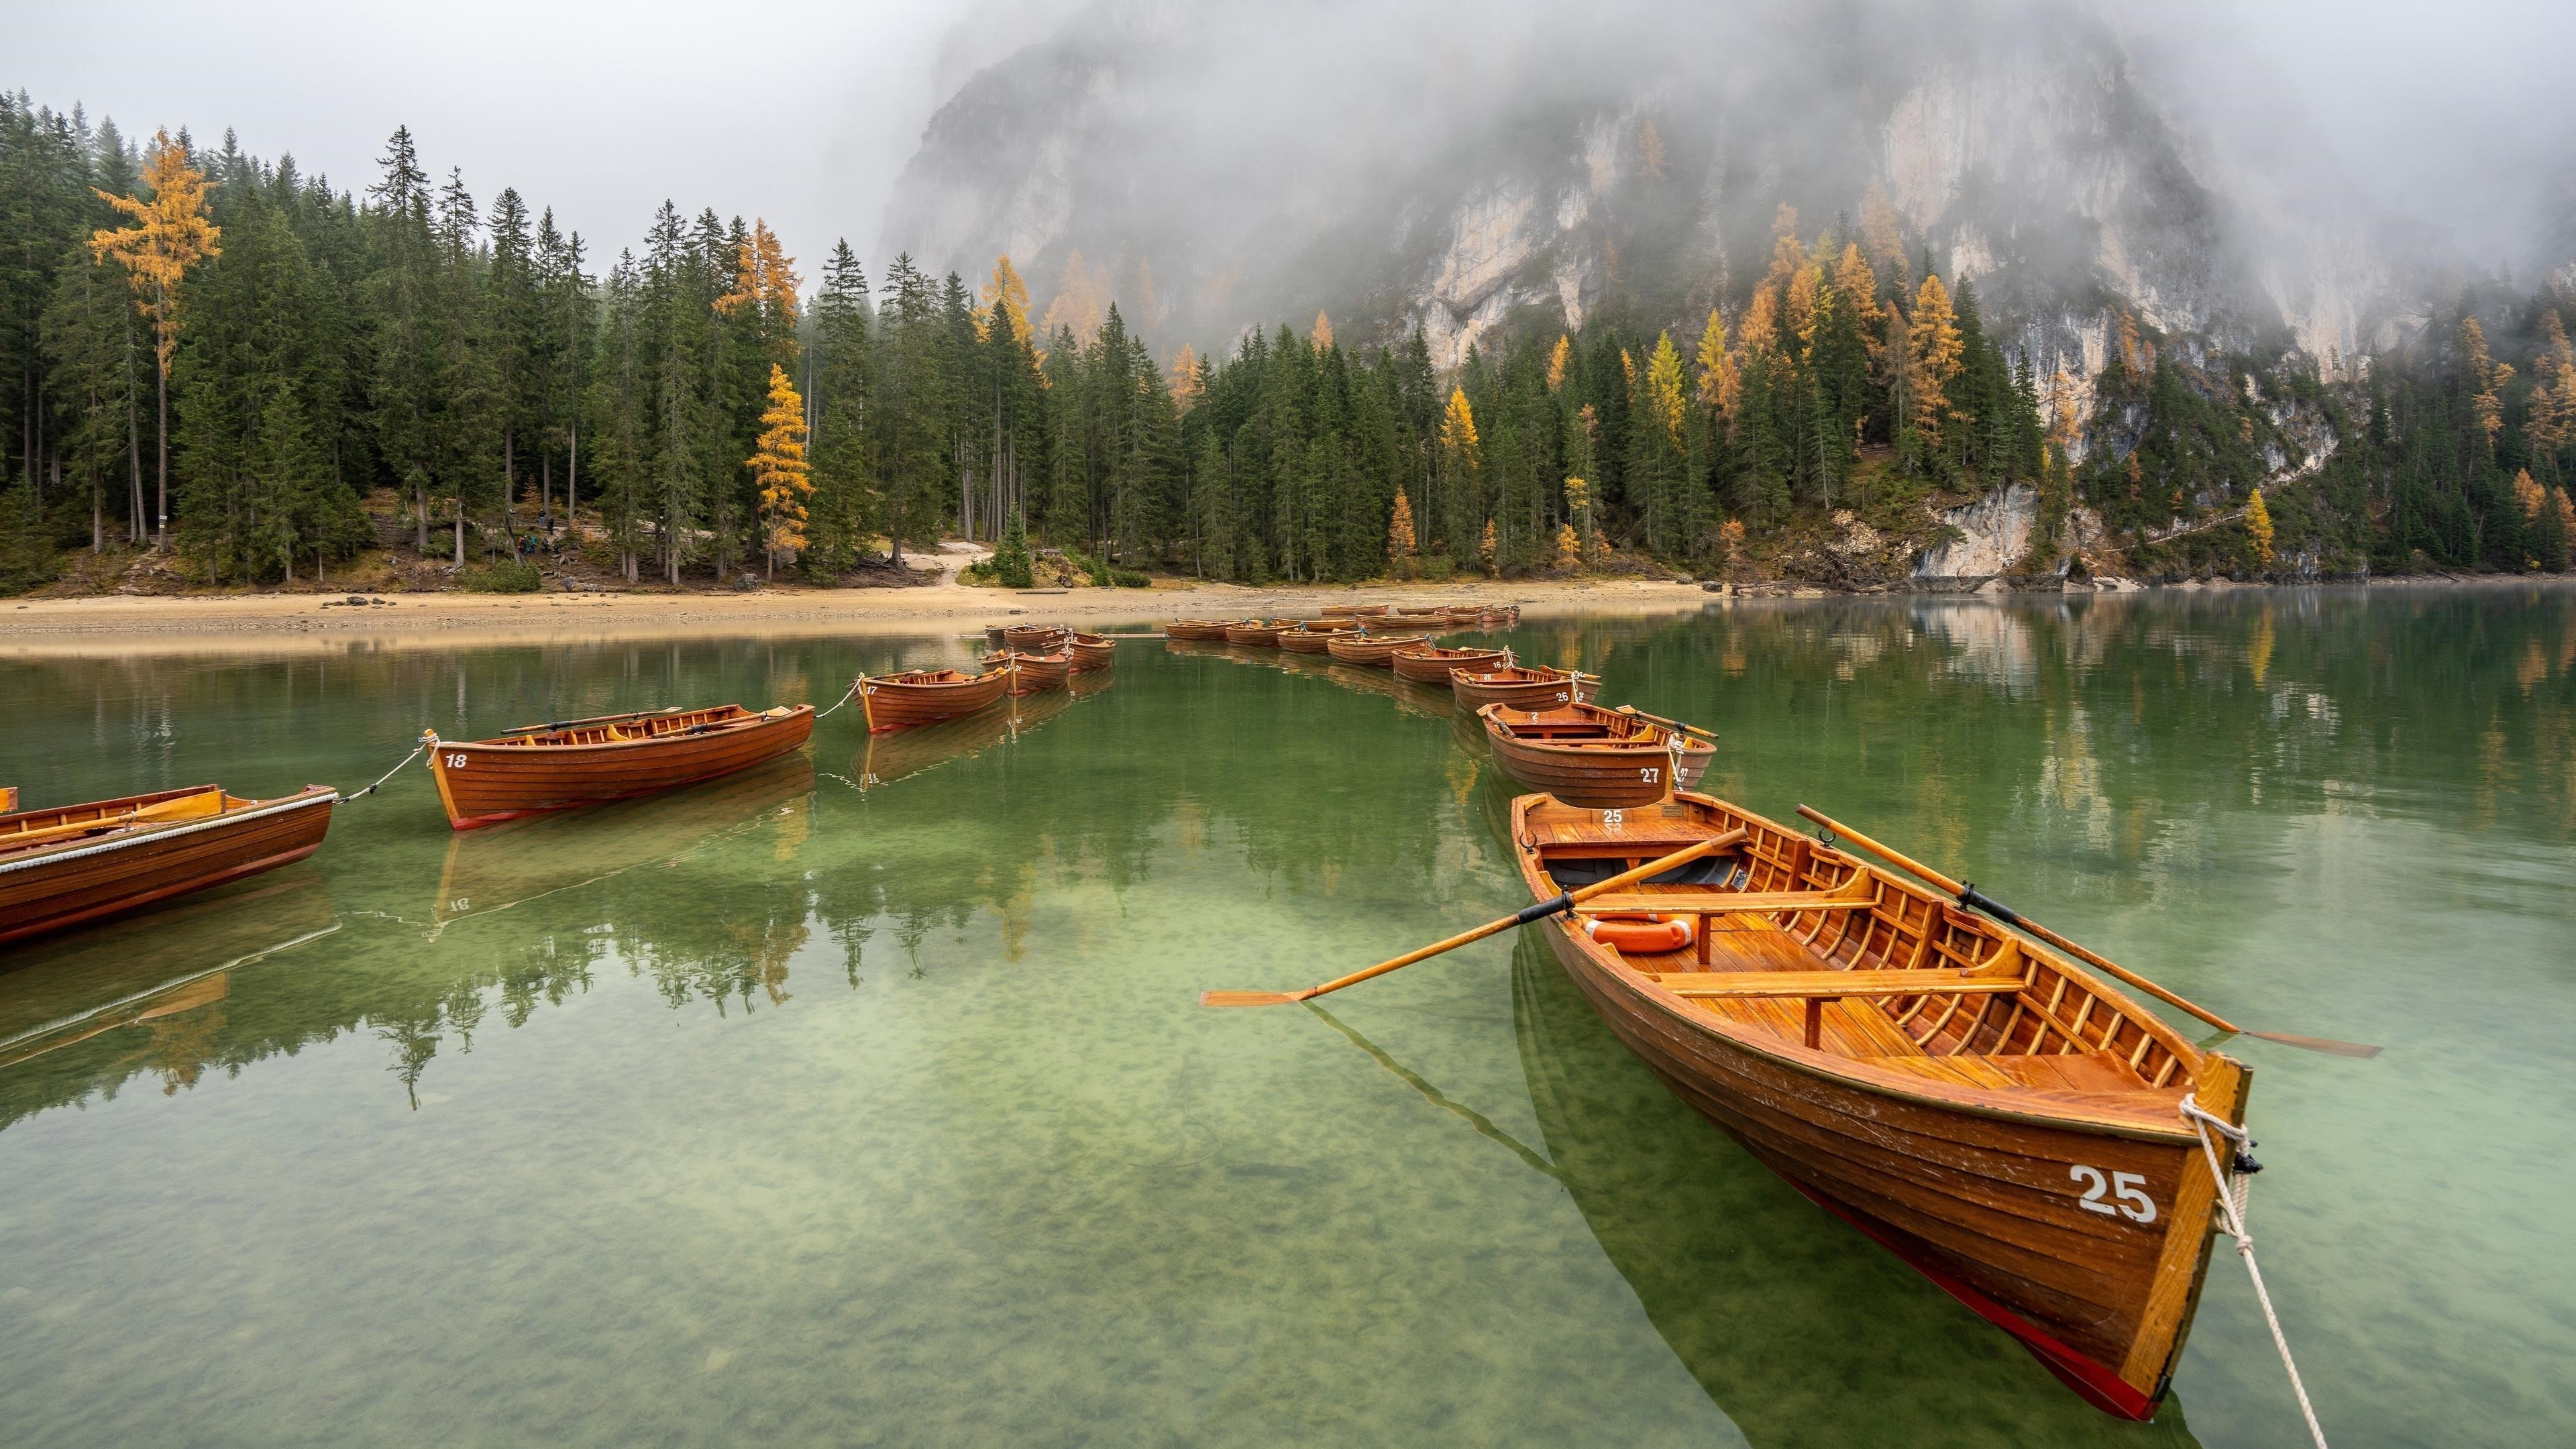 Заснеженная гора под лодкой между озерами в дневное время природа обои скачать